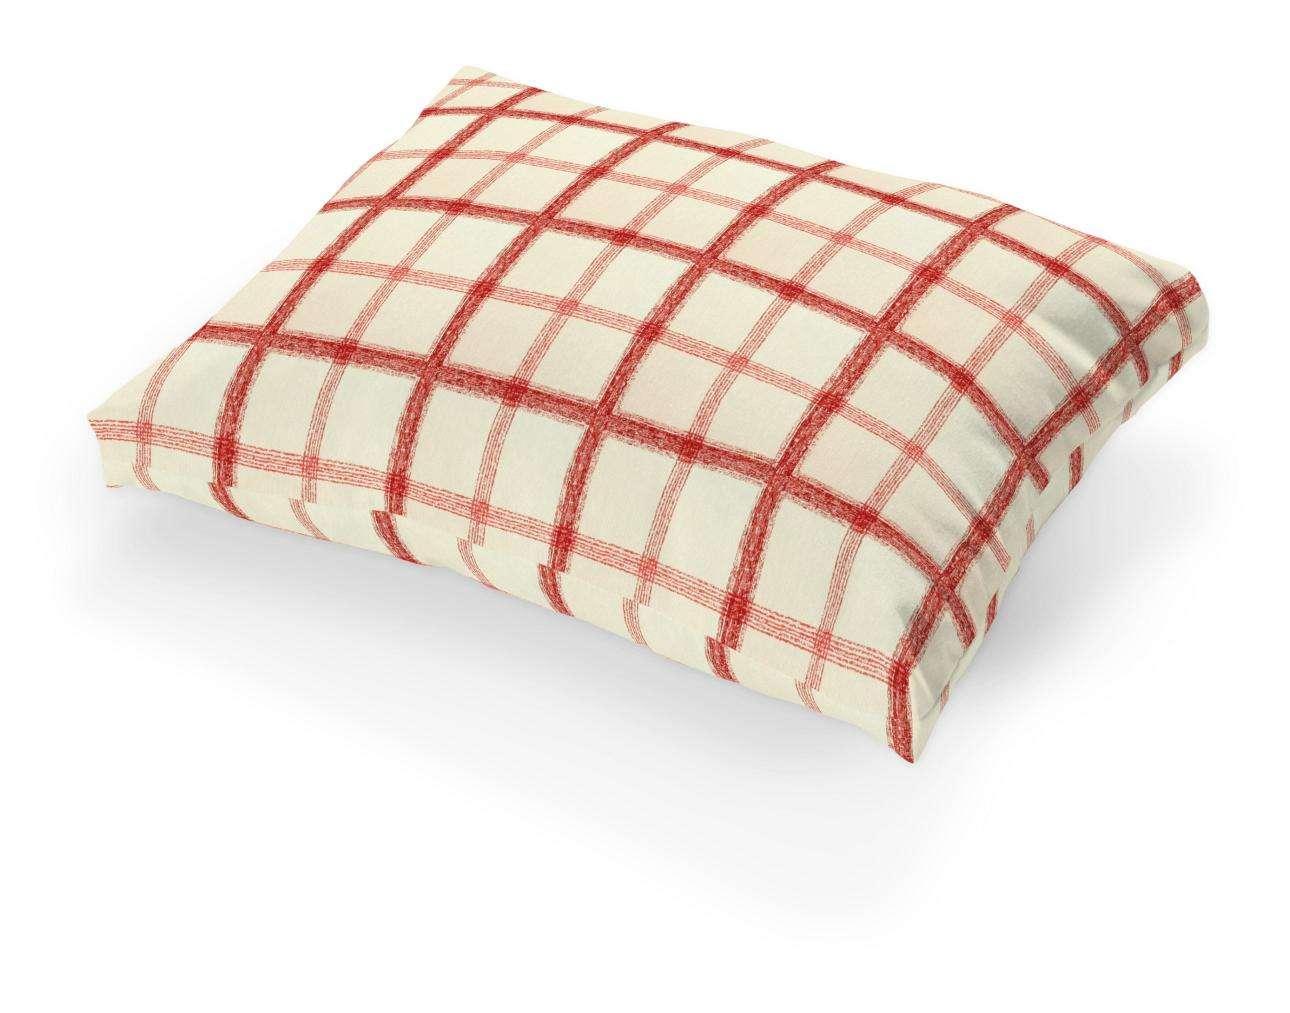 Tylösand pagalvėlės užvalkalas Tylösand pagalvėlė kolekcijoje Avinon, audinys: 131-15